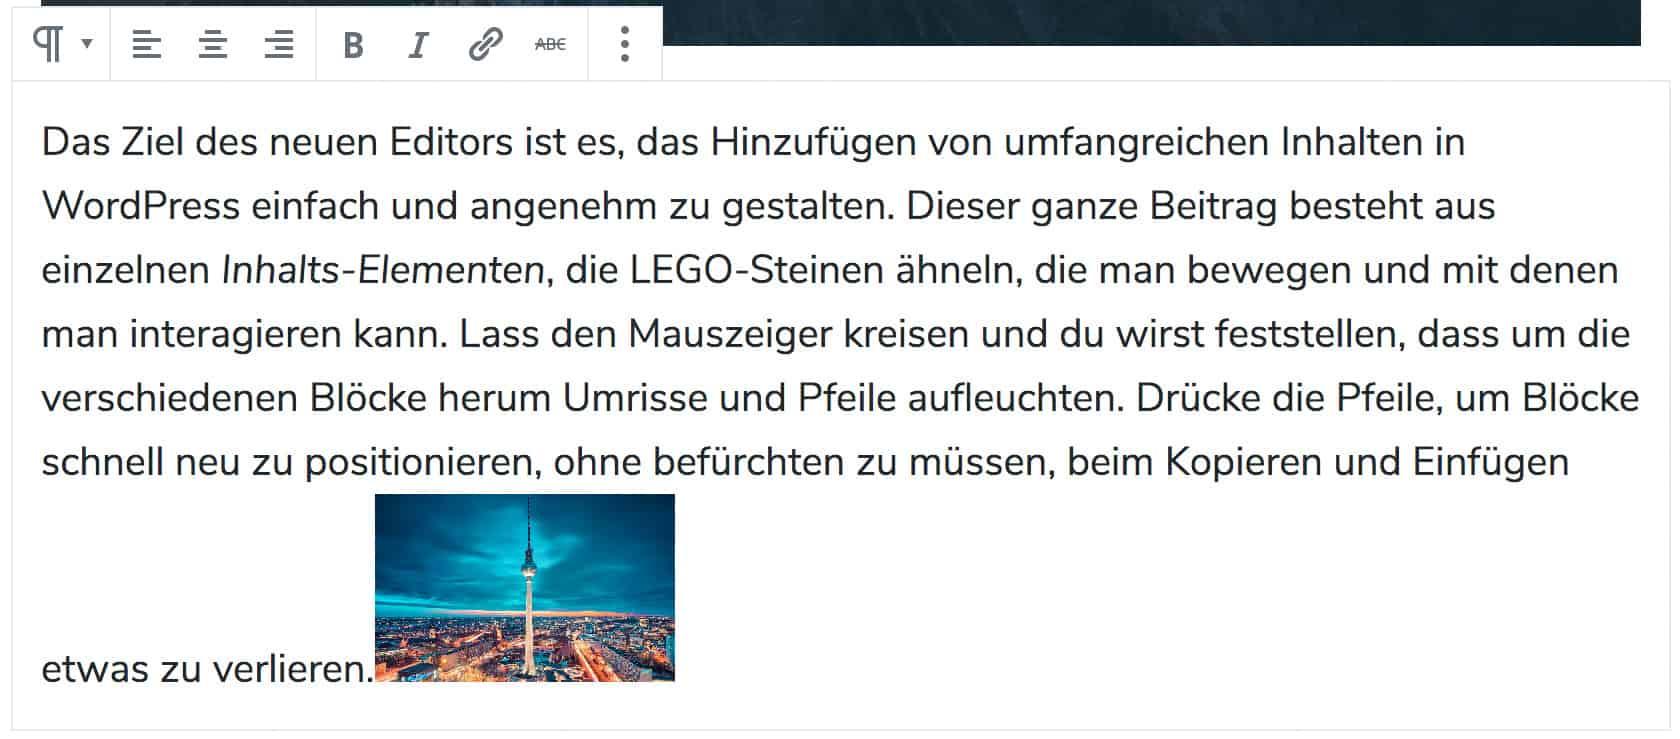 Screenshot eines Beispiels zum Inline-Bild. Ein Bild des Berliner Fernsehturms wurde am Ende eines Absatz-Blocks hinzugefügt.